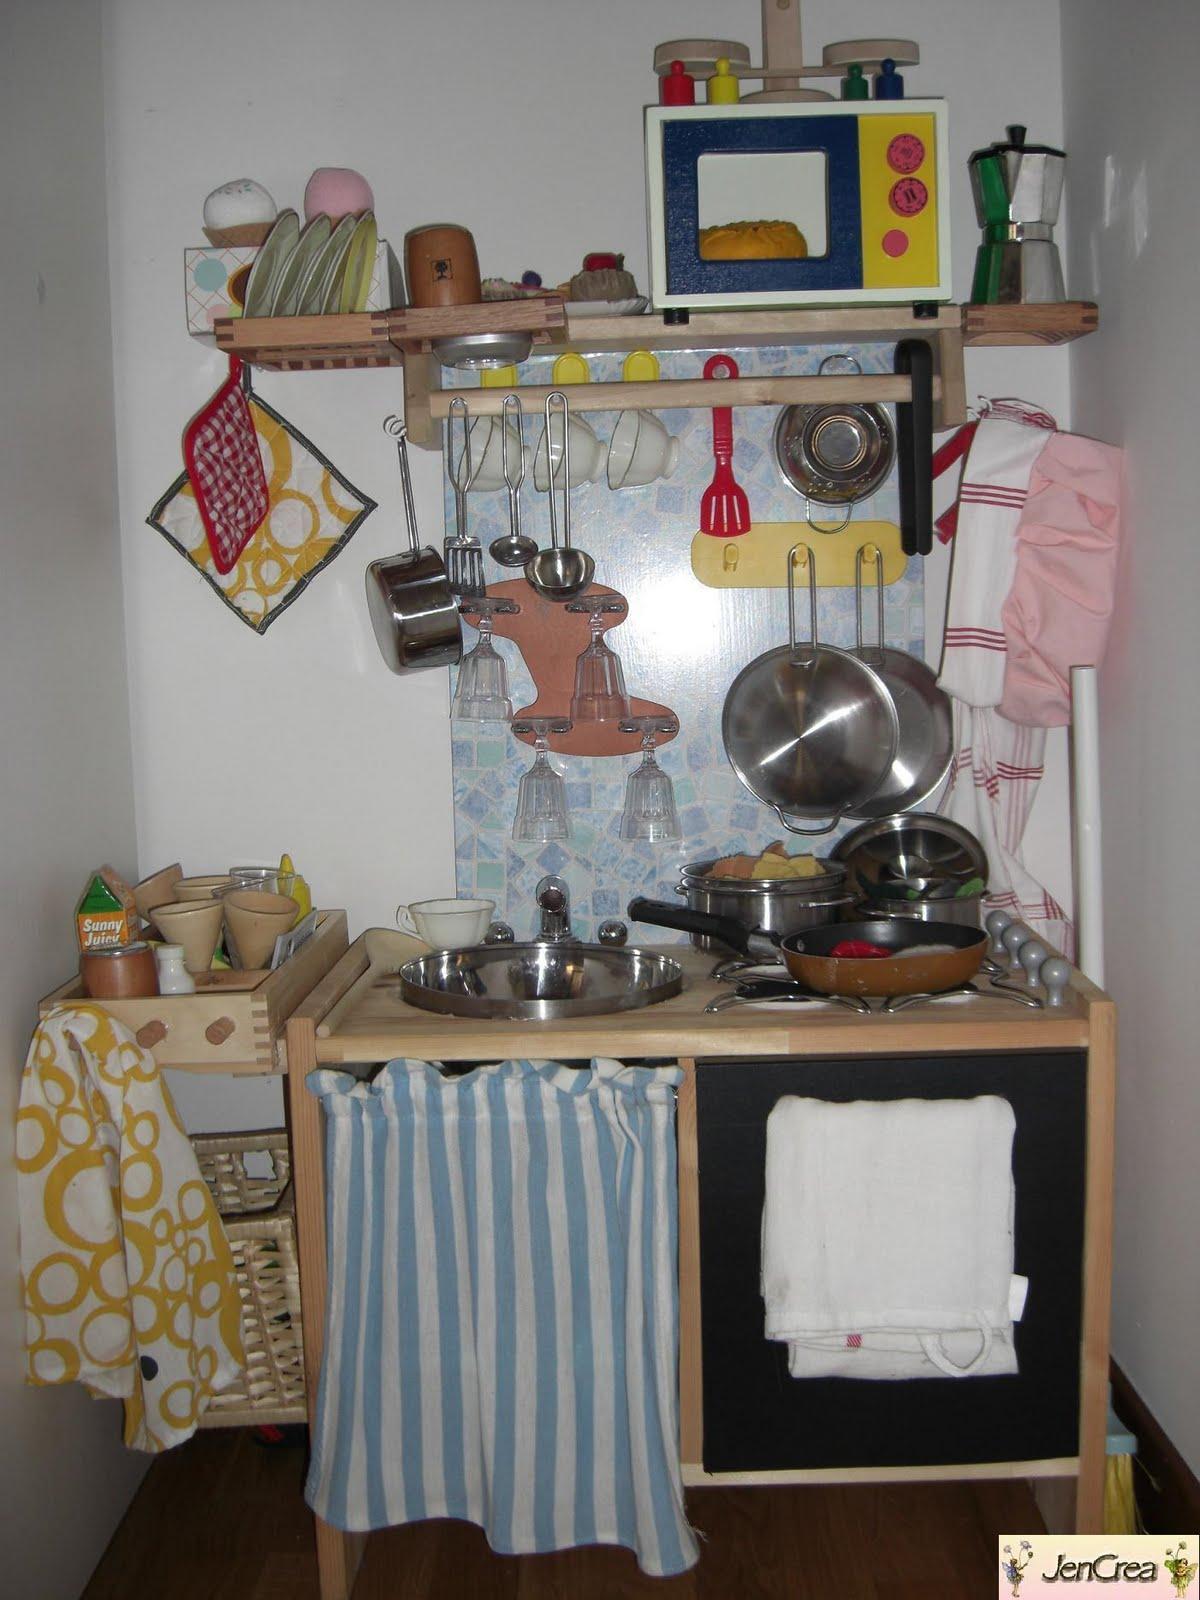 Jen crea creazioni di tutto e un p la cucina for Utensili cucina online shop